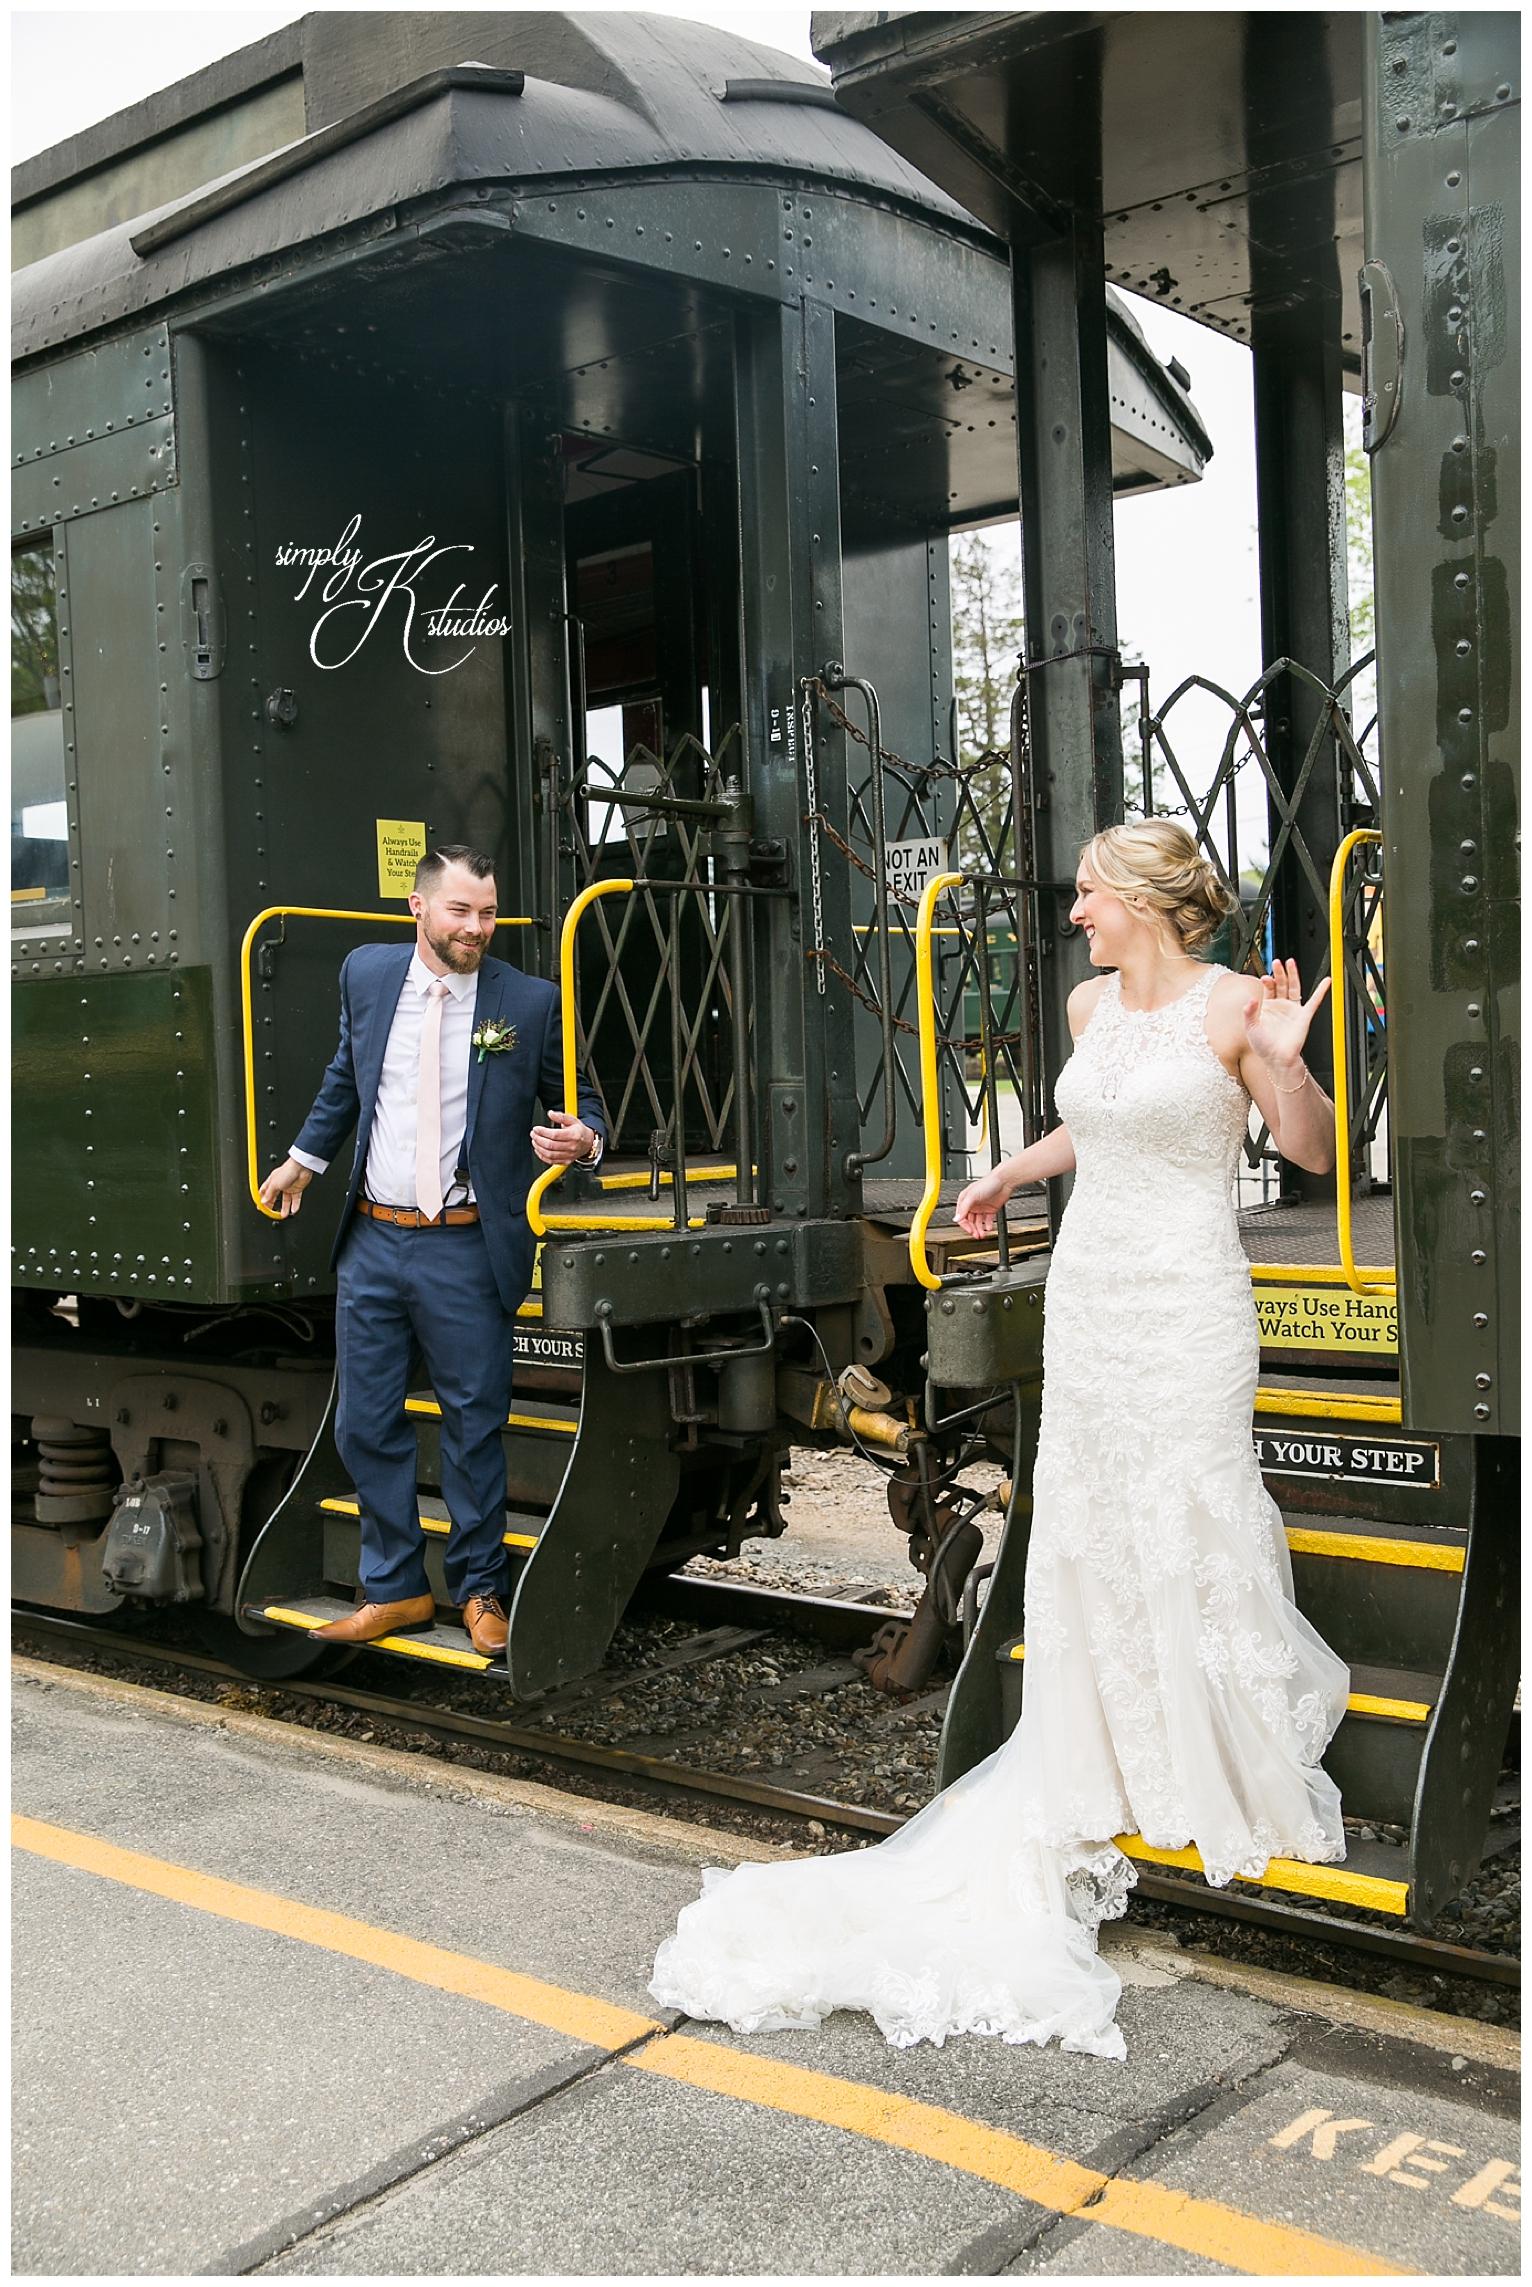 Essex Steam Train Wedding.jpg